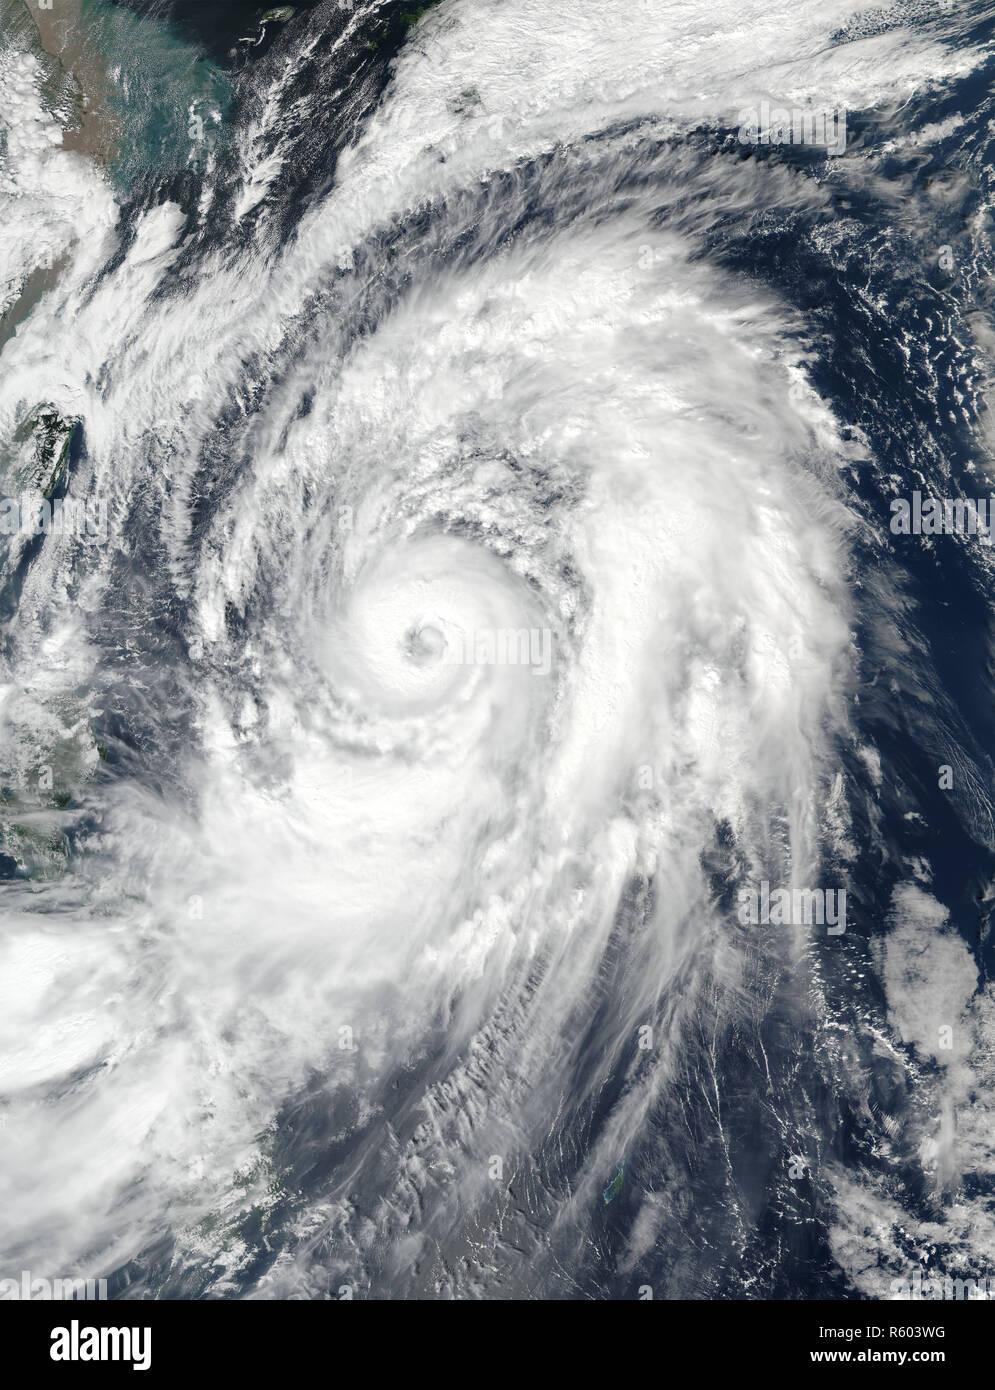 Typhoon Lan im westlichen Pazifik. Elemente dieses Bild von der NASA eingerichtet. Stockbild